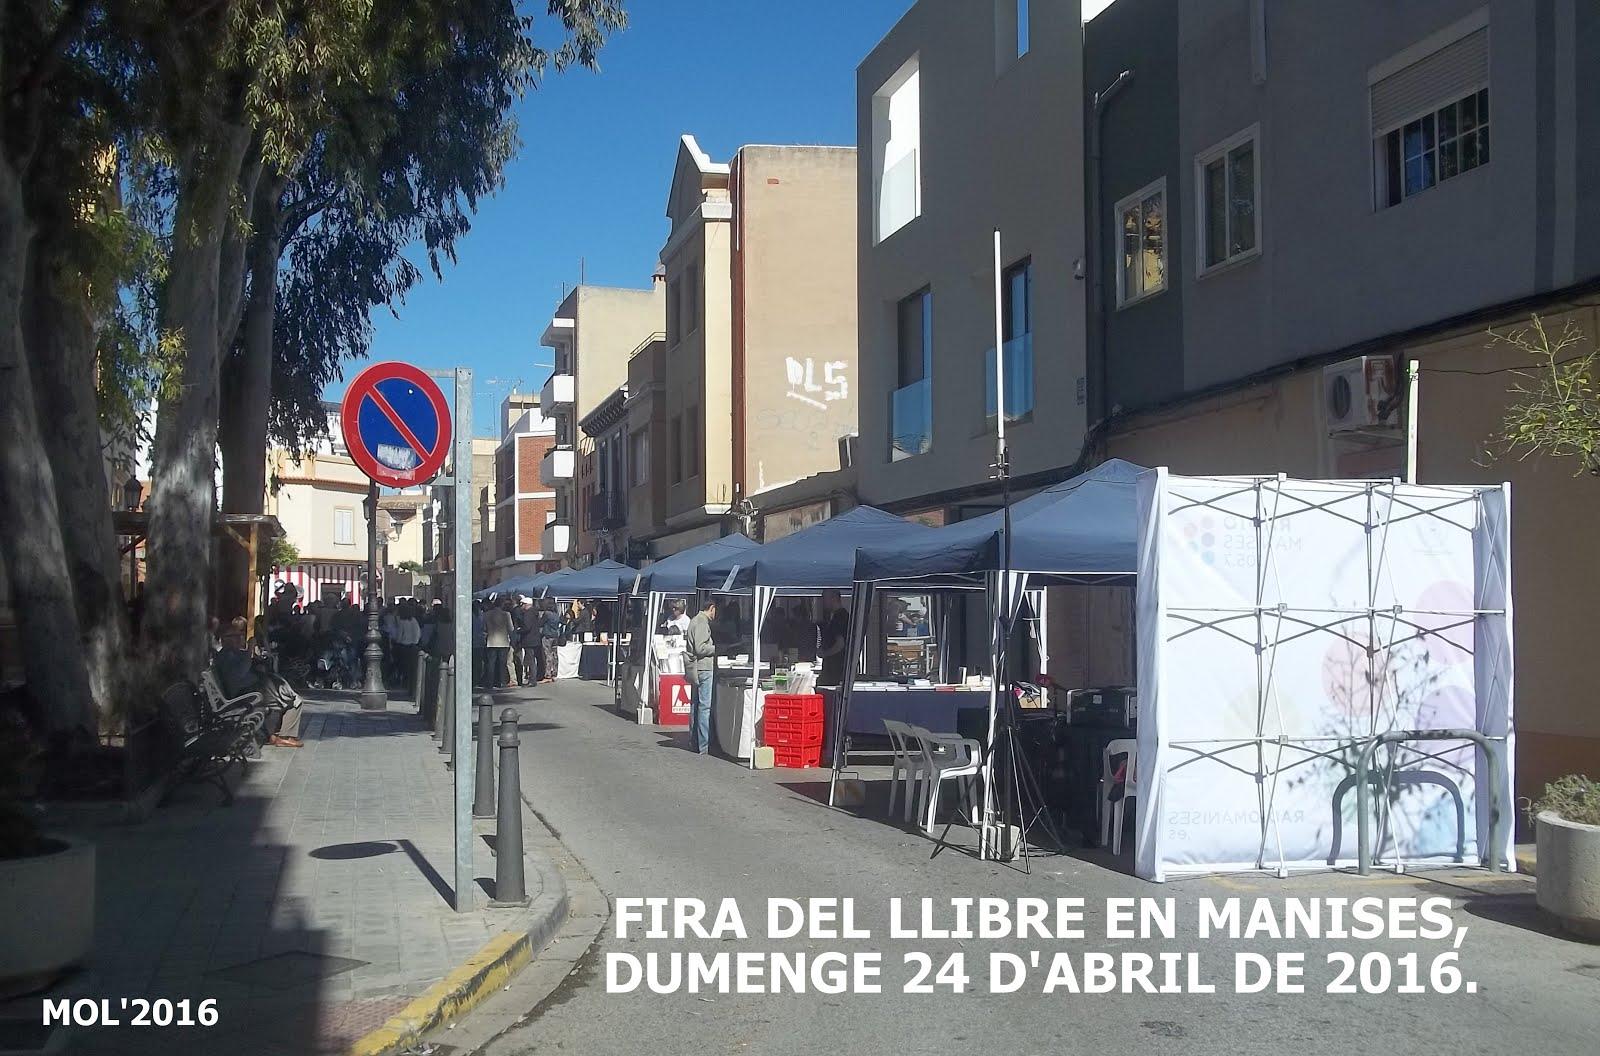 24.04.16 FIRA-FESTA DEL LLI- BRE, CASA CULTURA MANISES